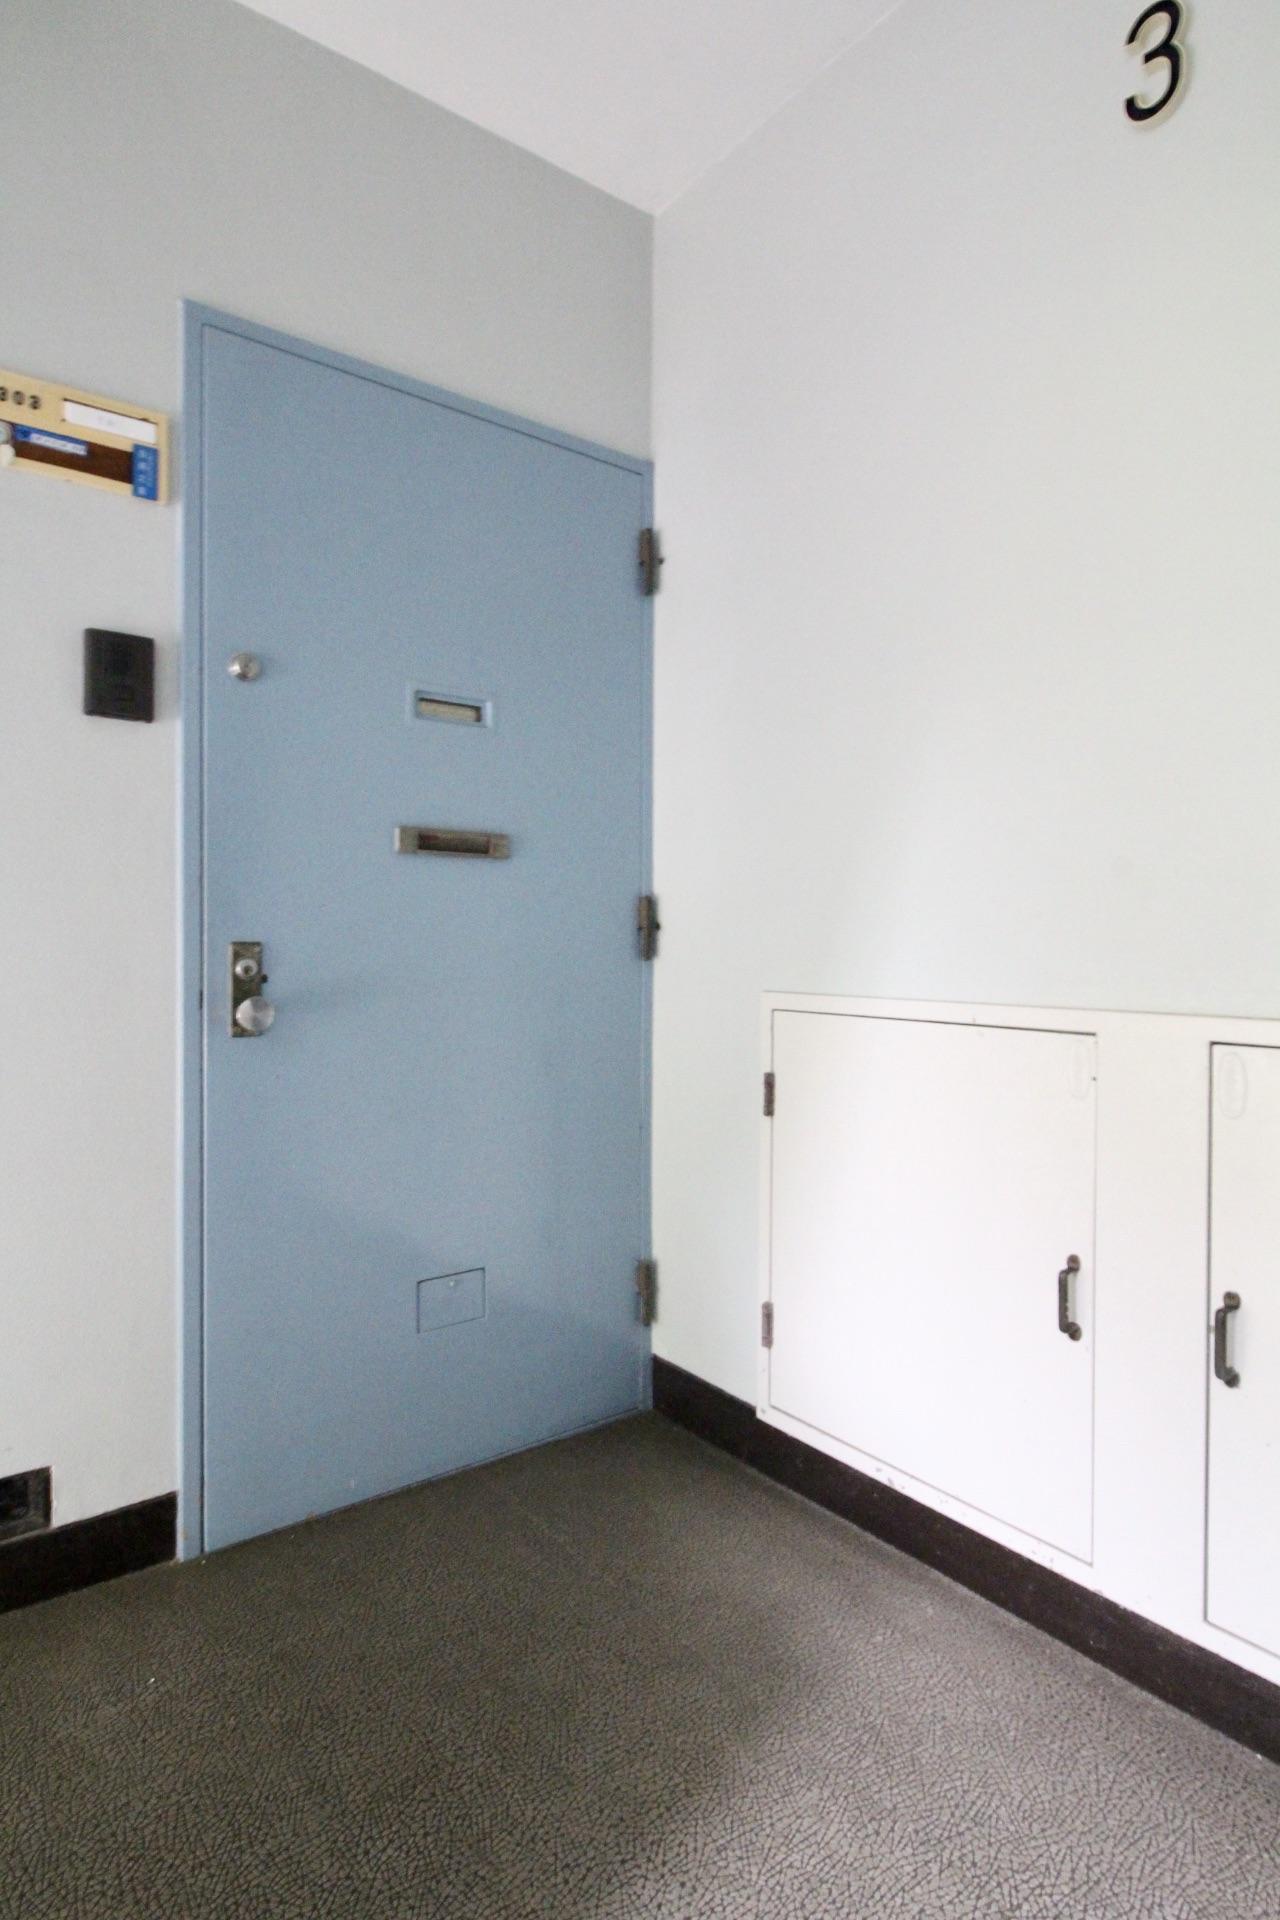 団地のような玄関ドアや共用部